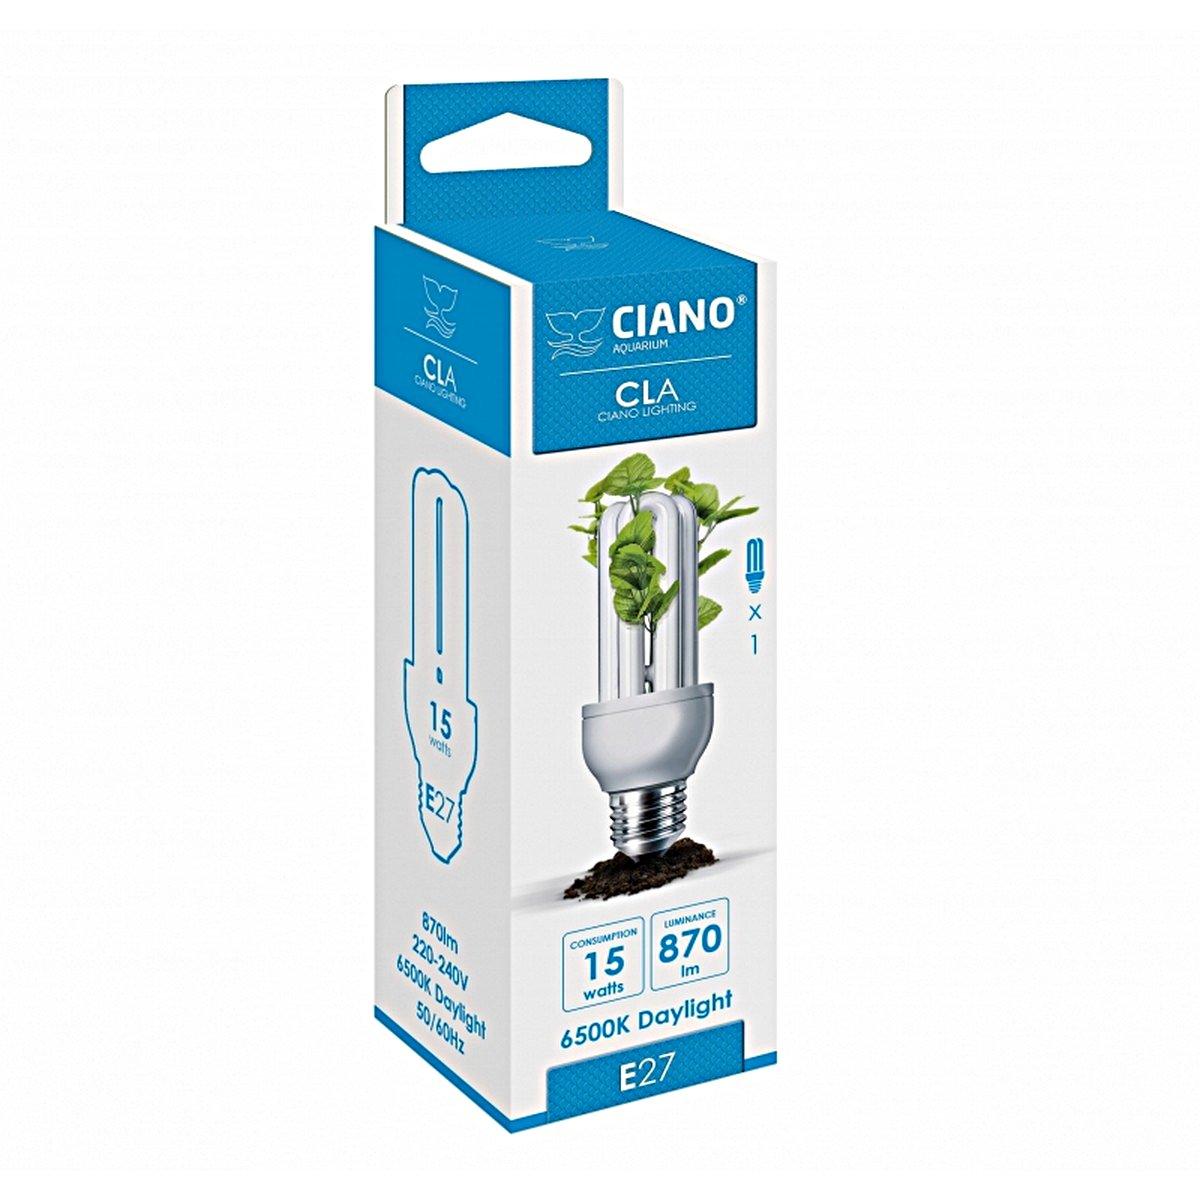 Afbeelding van Ciano Lamp T3 Voor Aqua 60 15w